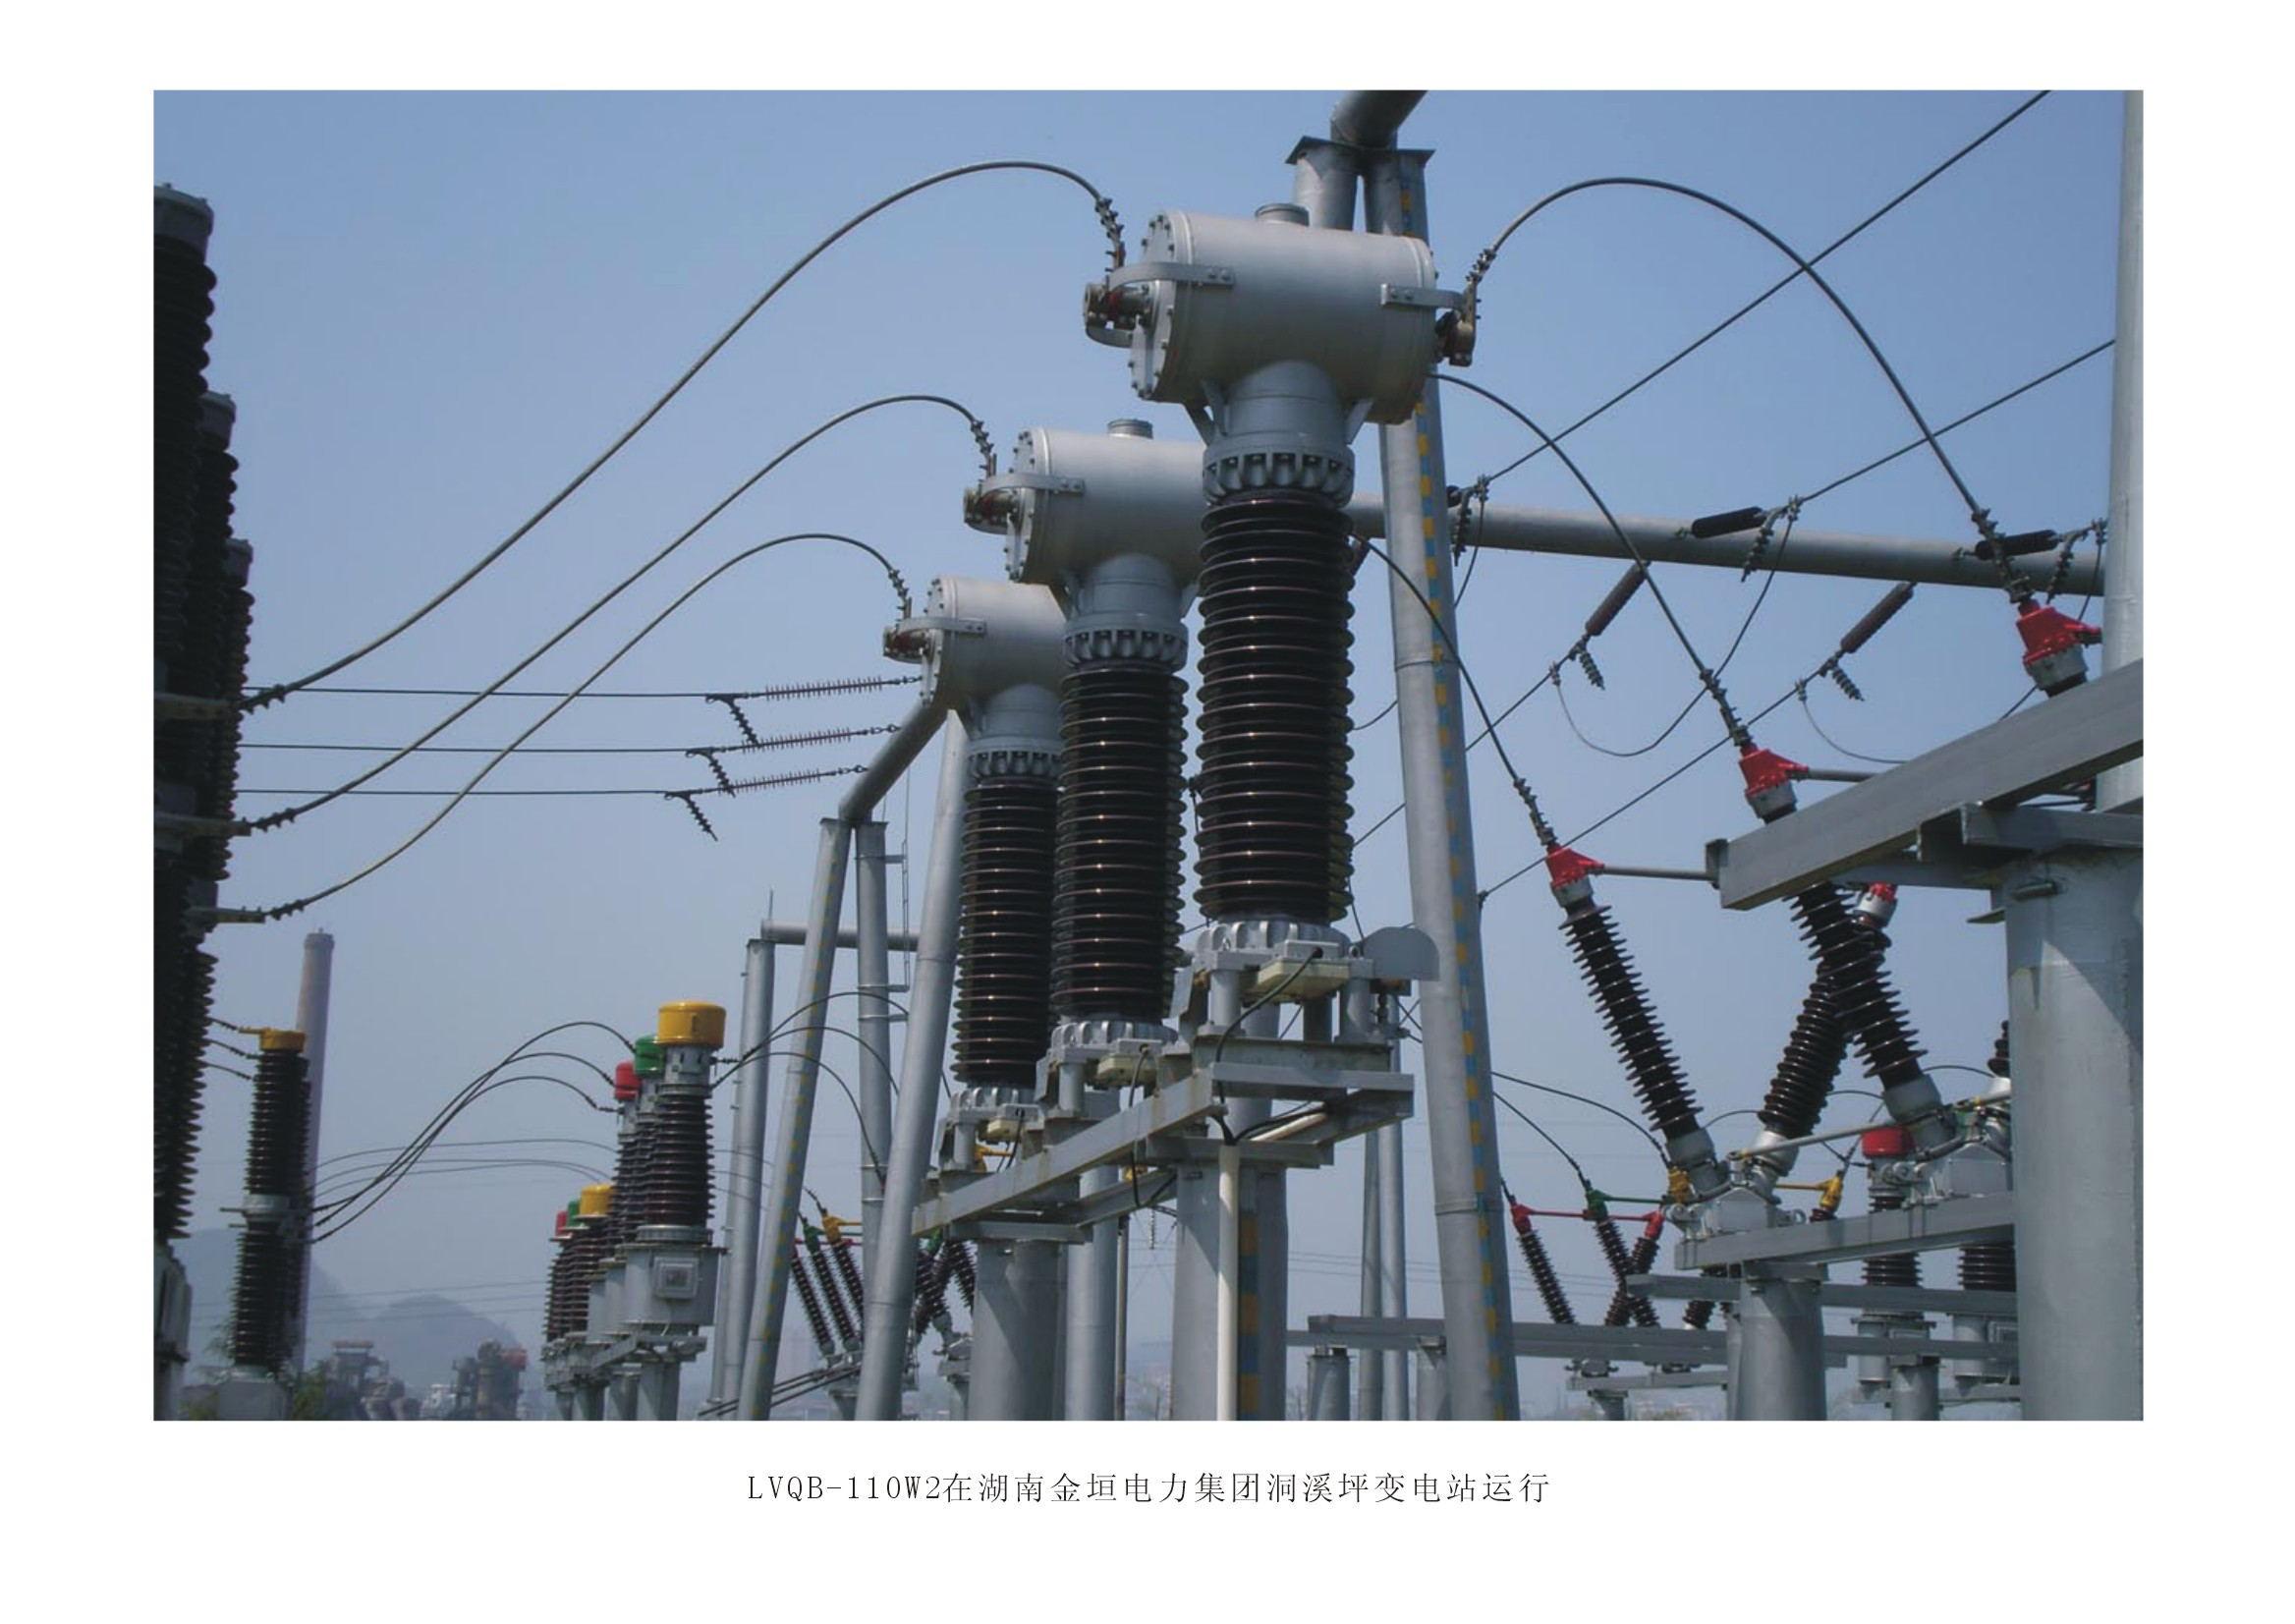 55LVQB-110W2在湖南金垣電力集團洞溪坪變電站運行